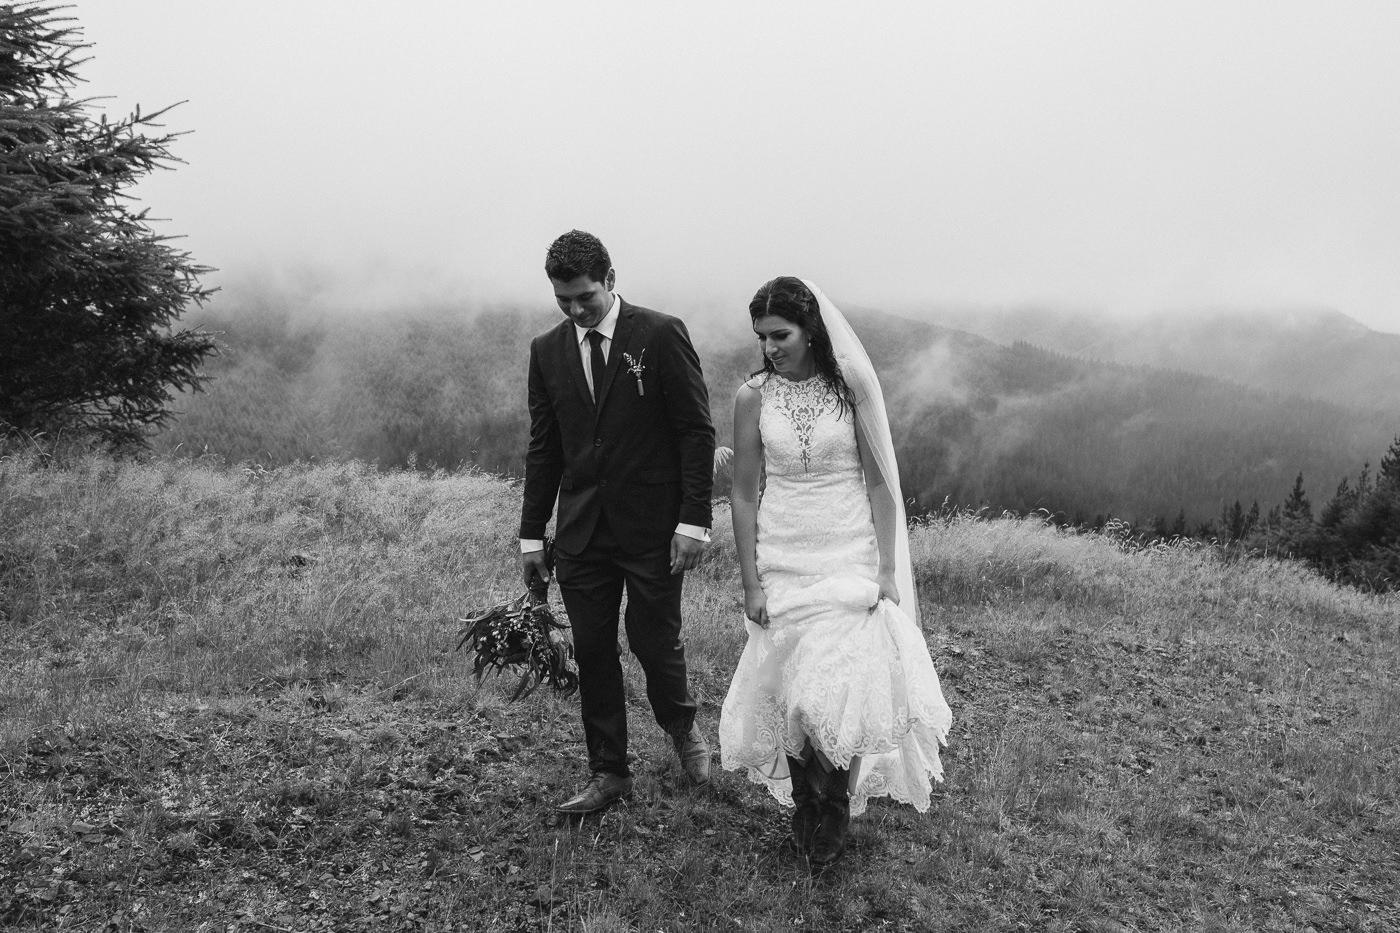 nz_wedding_photographer_gisborne-1088.jpg